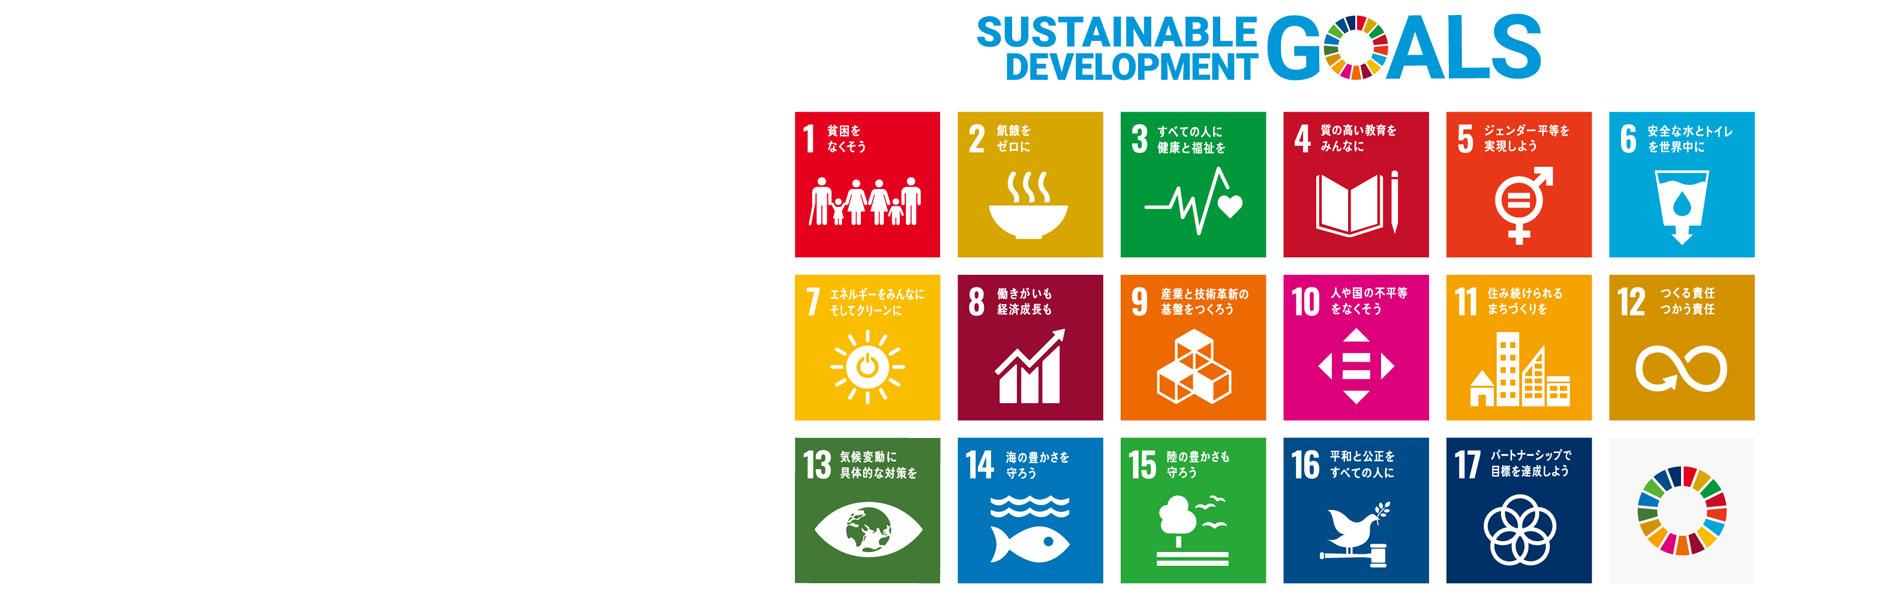 株式会社オリタニは 持続可能な開発目標(SDGs)を支援しています